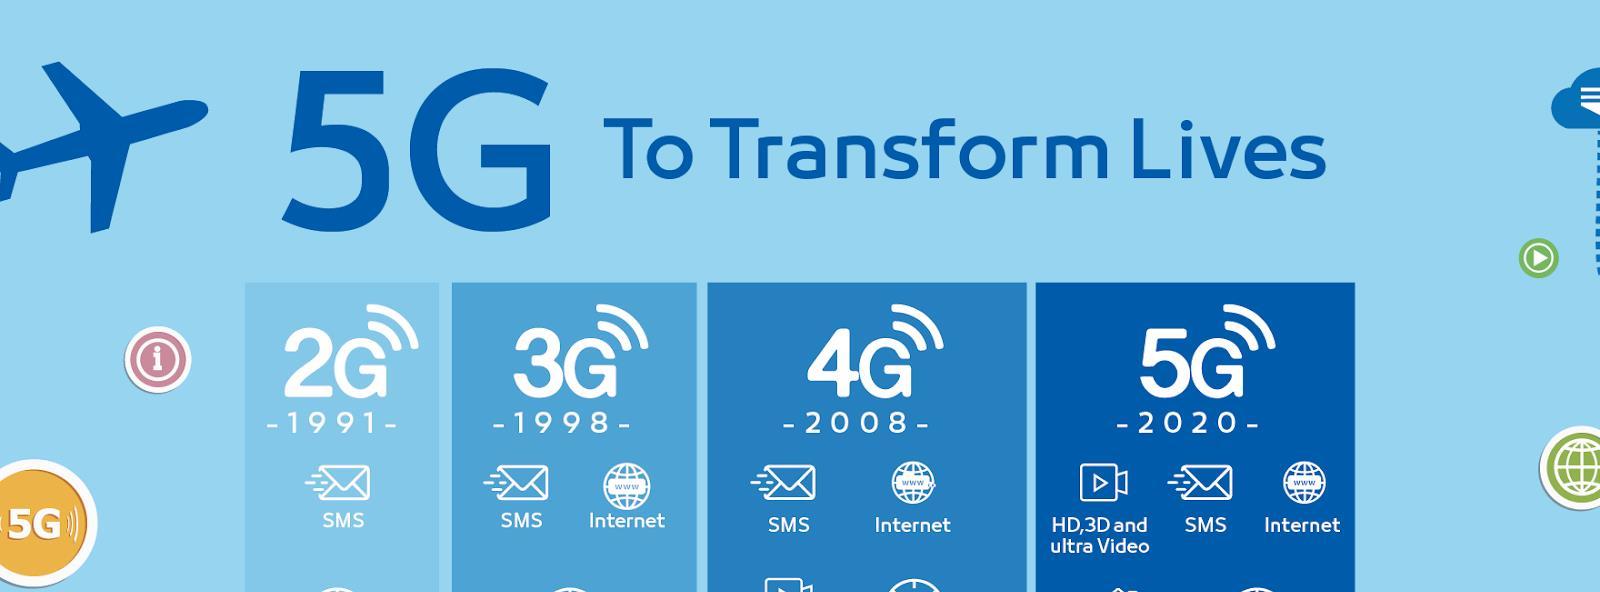 2019年是4G手机最难一年 手机厂商将押宝5G翻身